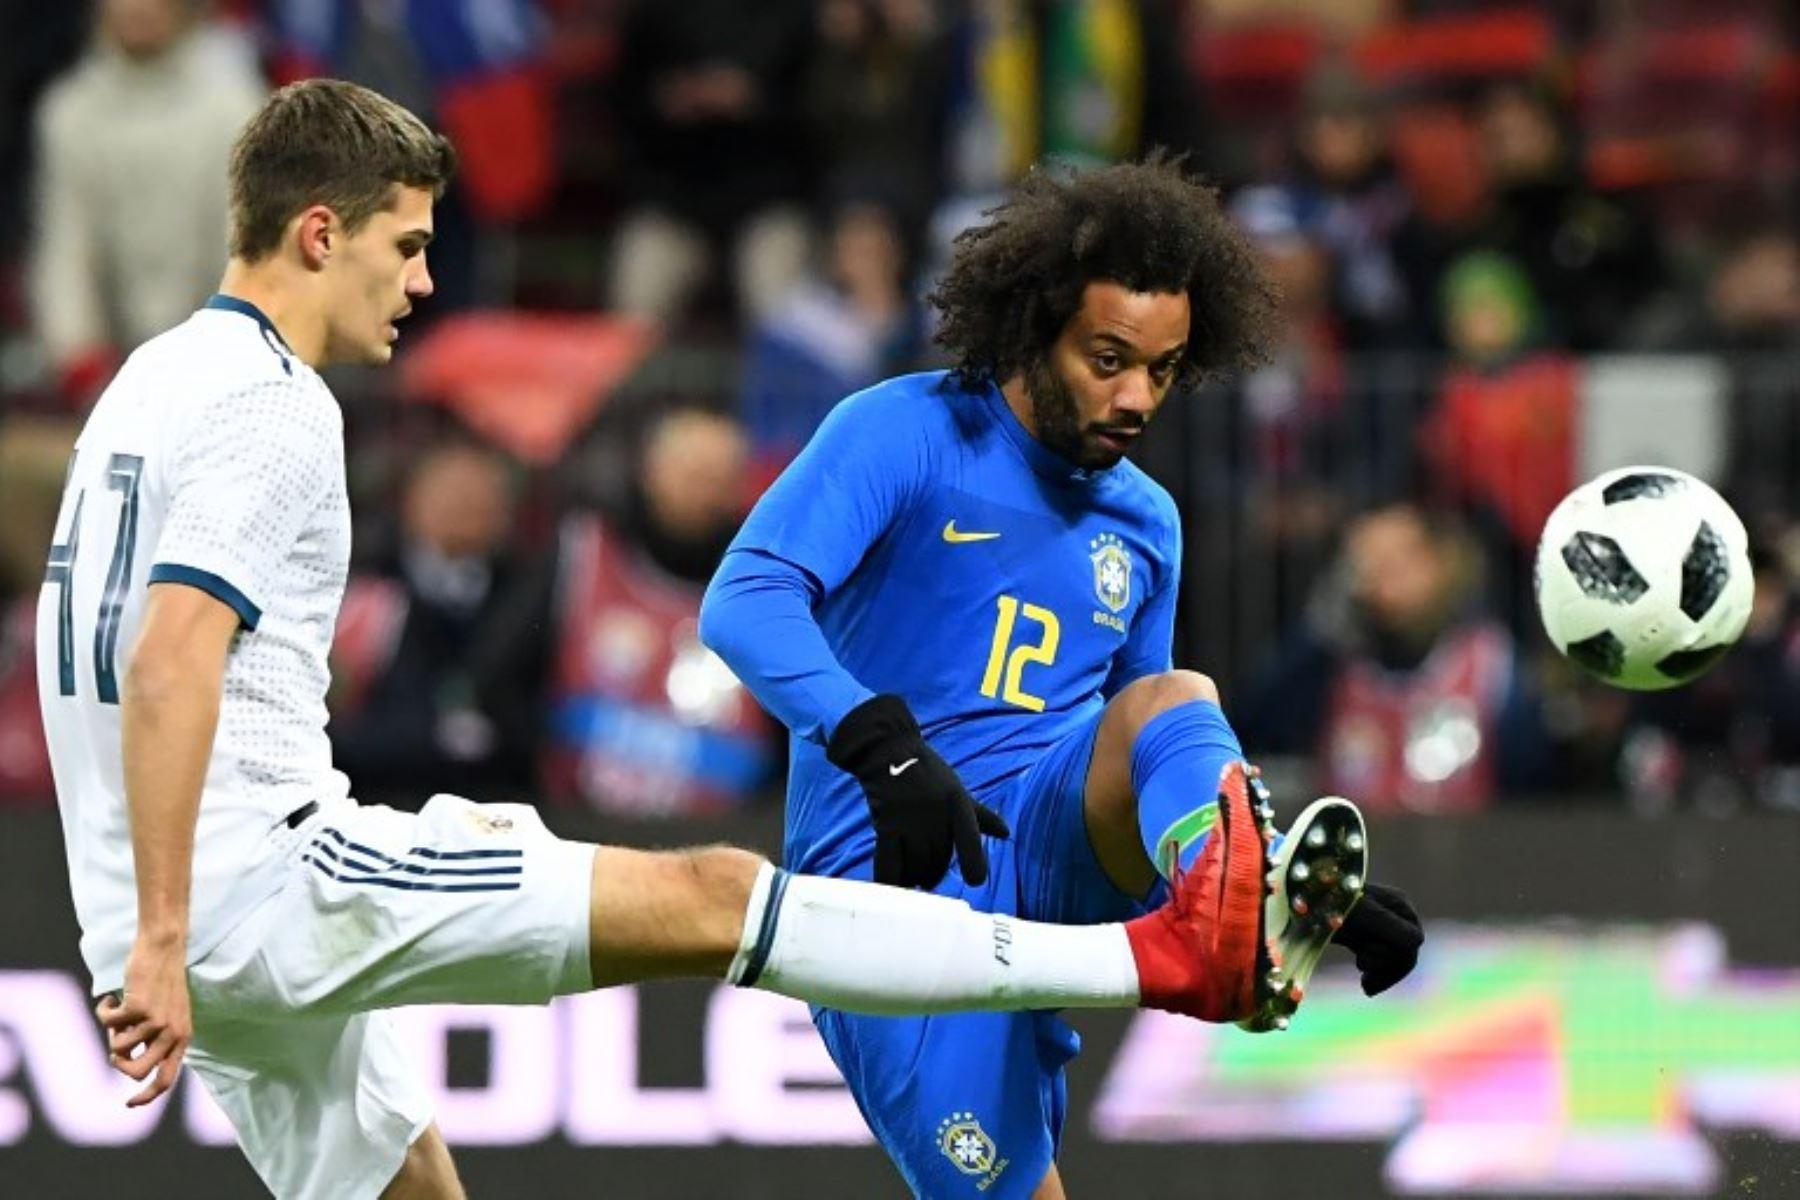 El delantero brasileño Taison y el centrocampista ruso Yuri Zhirkov compiten por el balón durante un partido internaciona.Foto:AFP